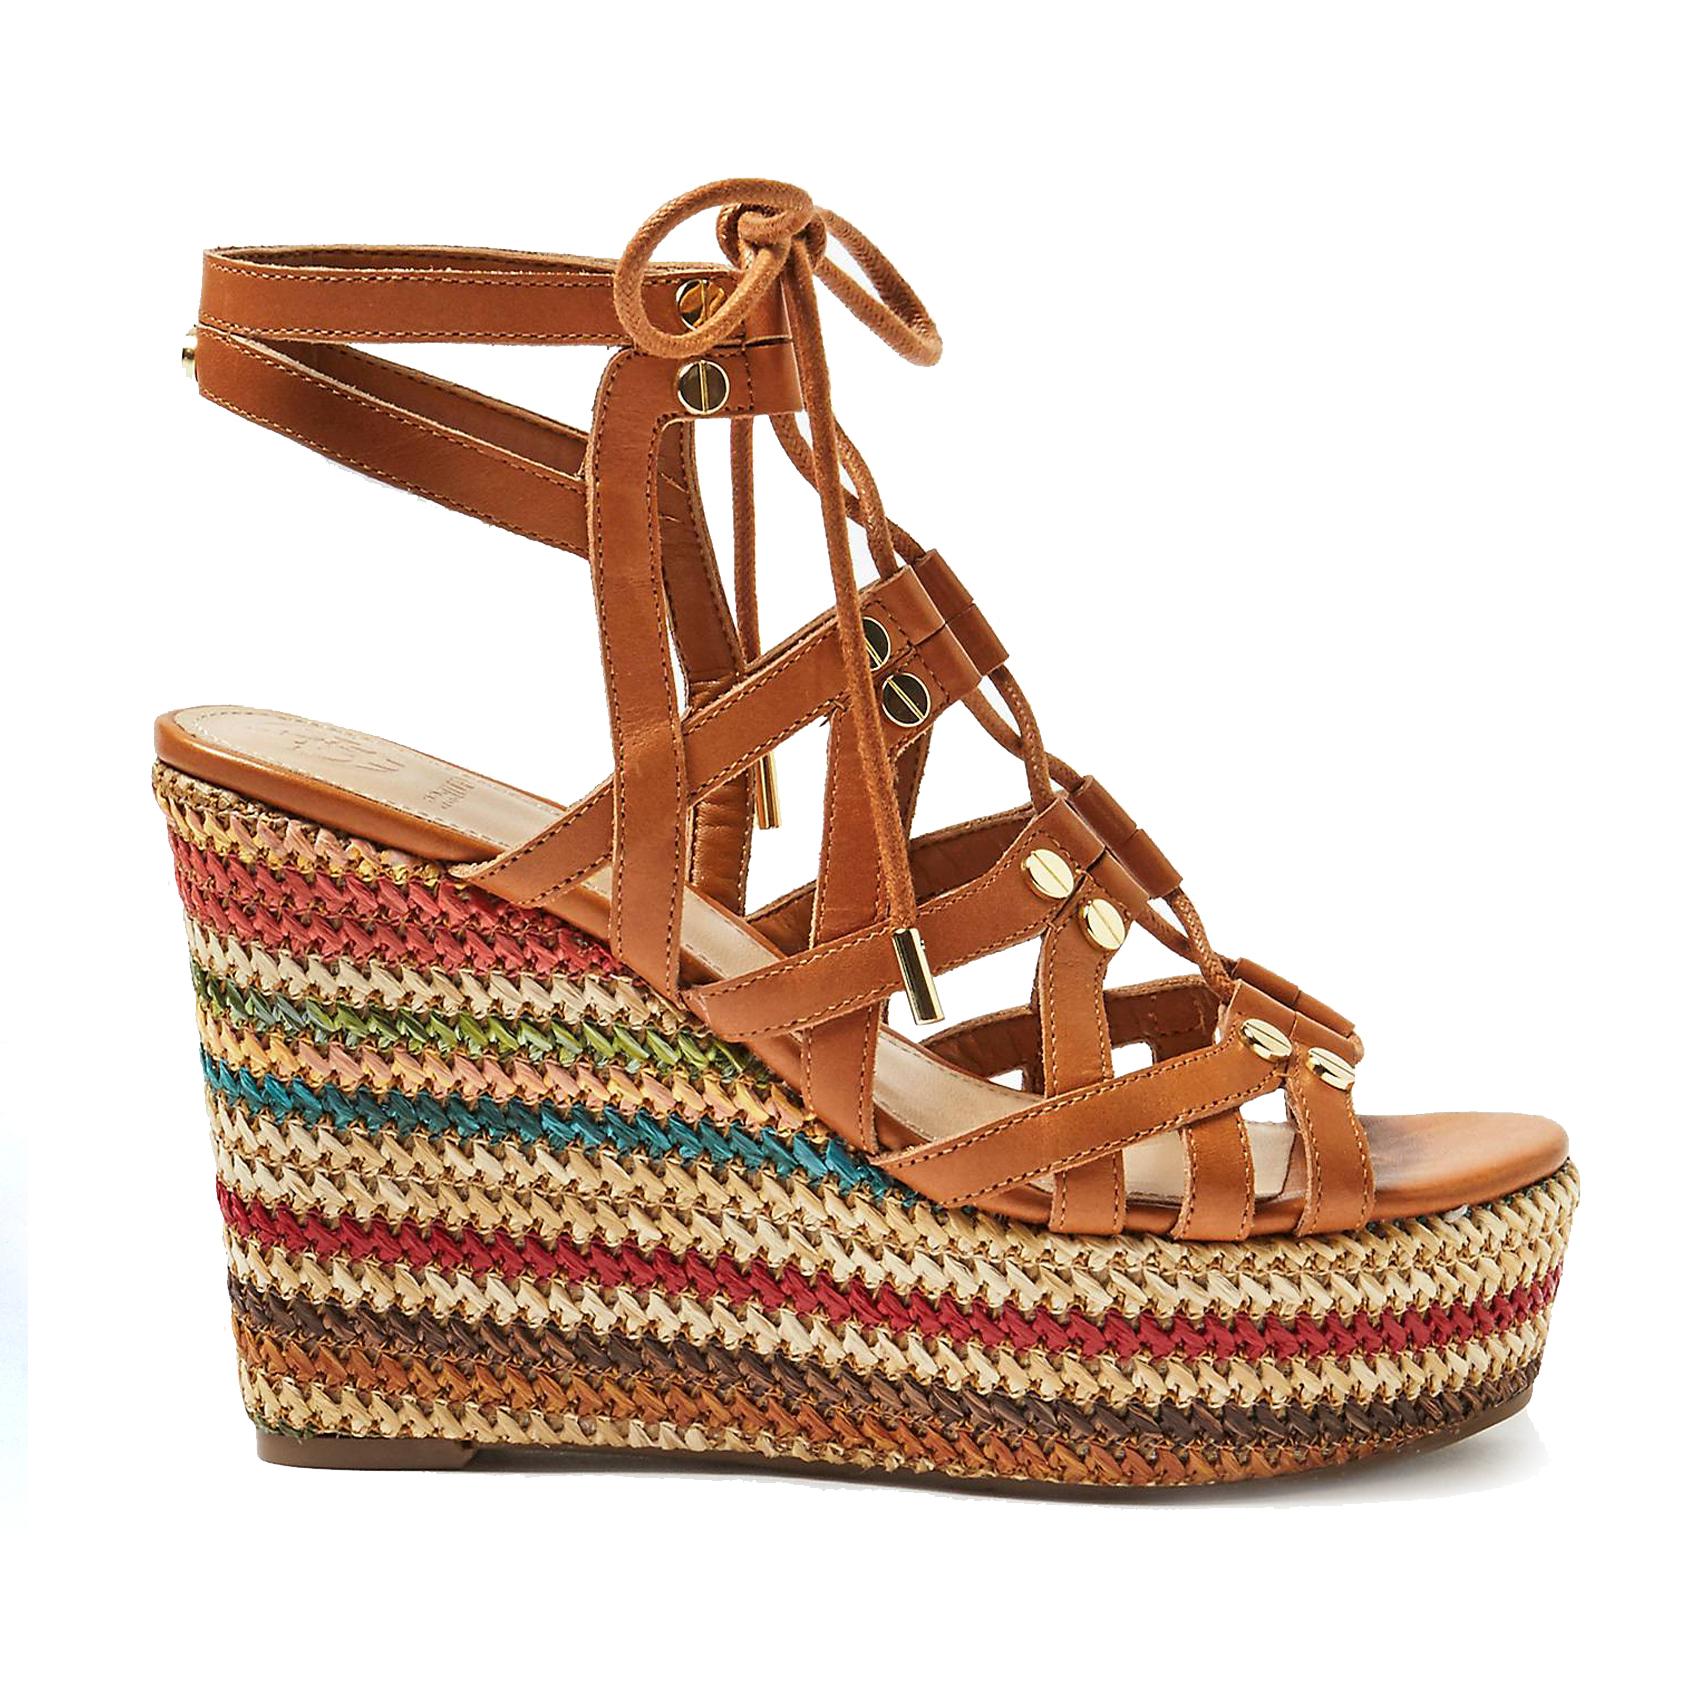 Sandalo intrecciato cuoio con zeppa Guess